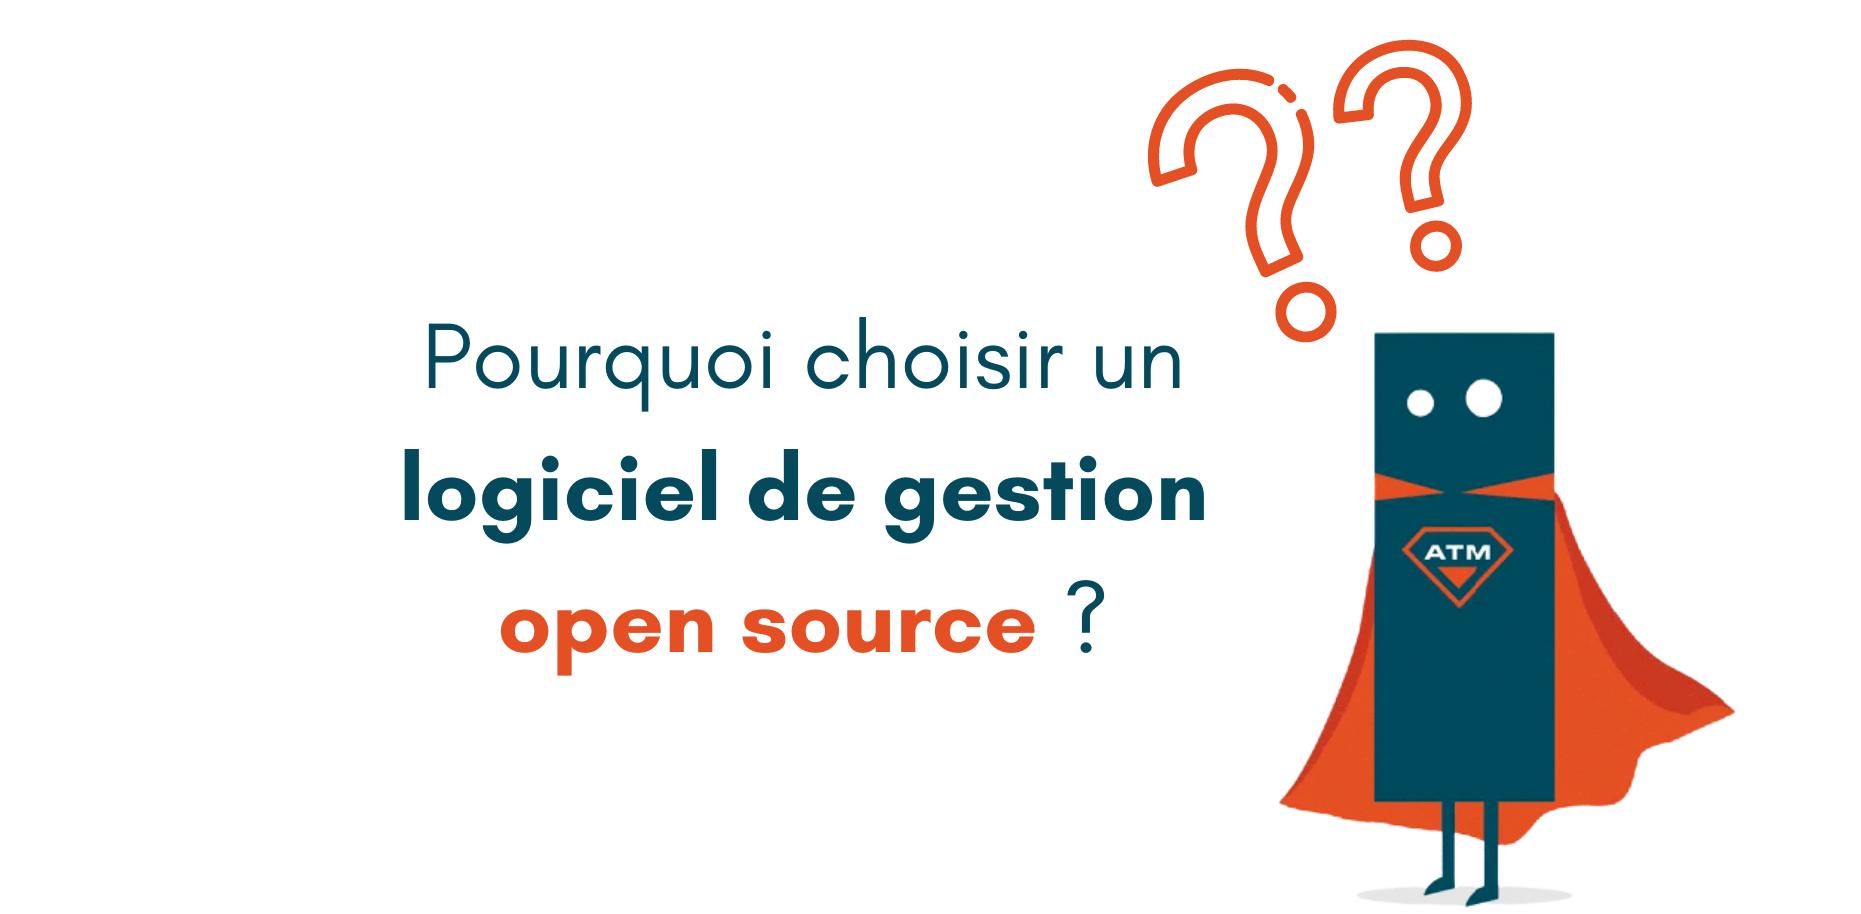 logiciel de gestion open source